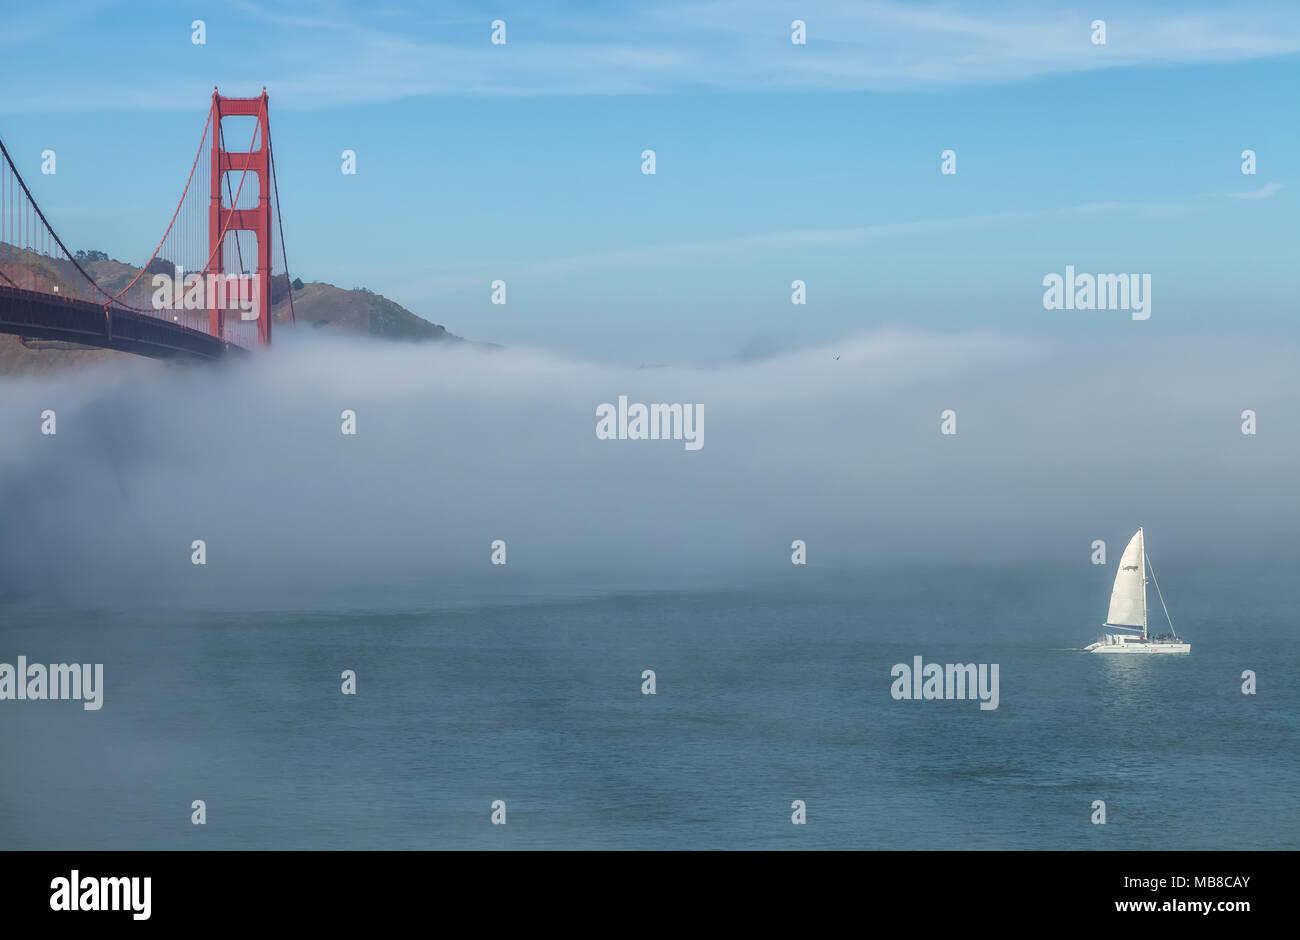 Nebbia formata sotto il Ponte Golden Gate e la baia di San Francisco, California, Stati Uniti, su un inizio di mattina di primavera. Immagini Stock